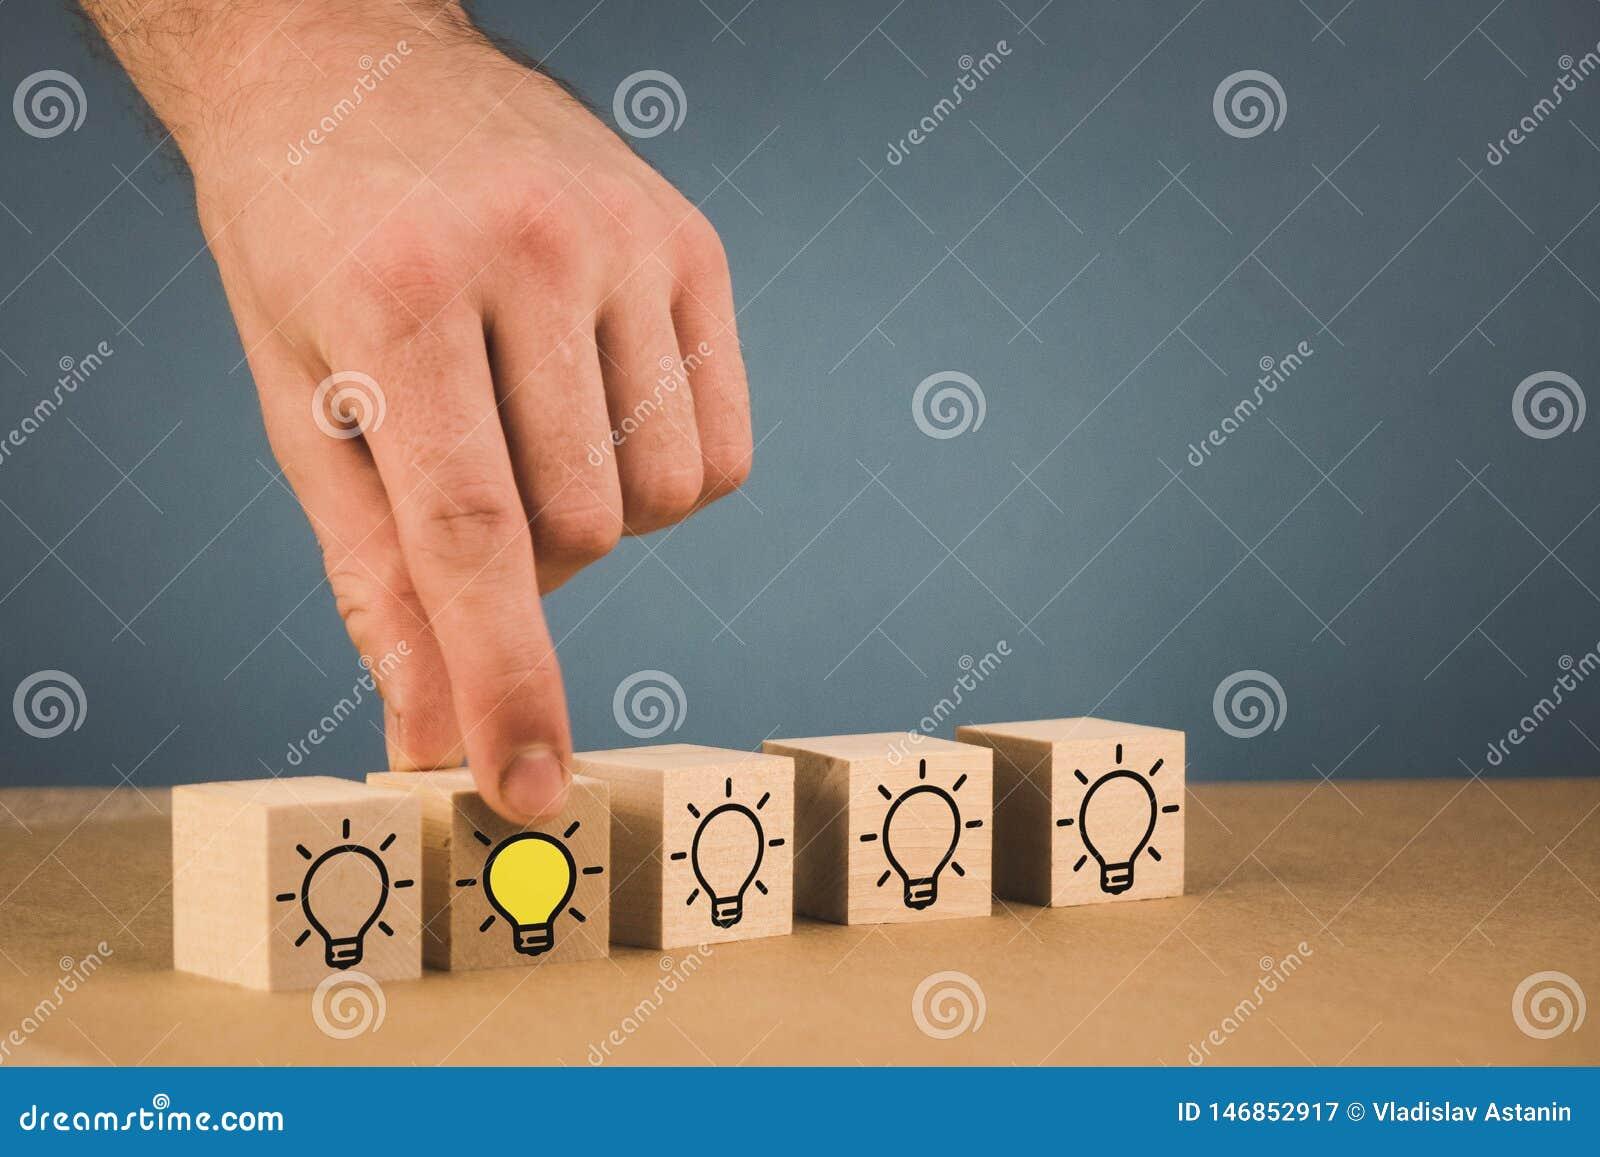 Handen g?r ett val och v?ljer en brinnande ljus kula, ett symbol av en ny id?